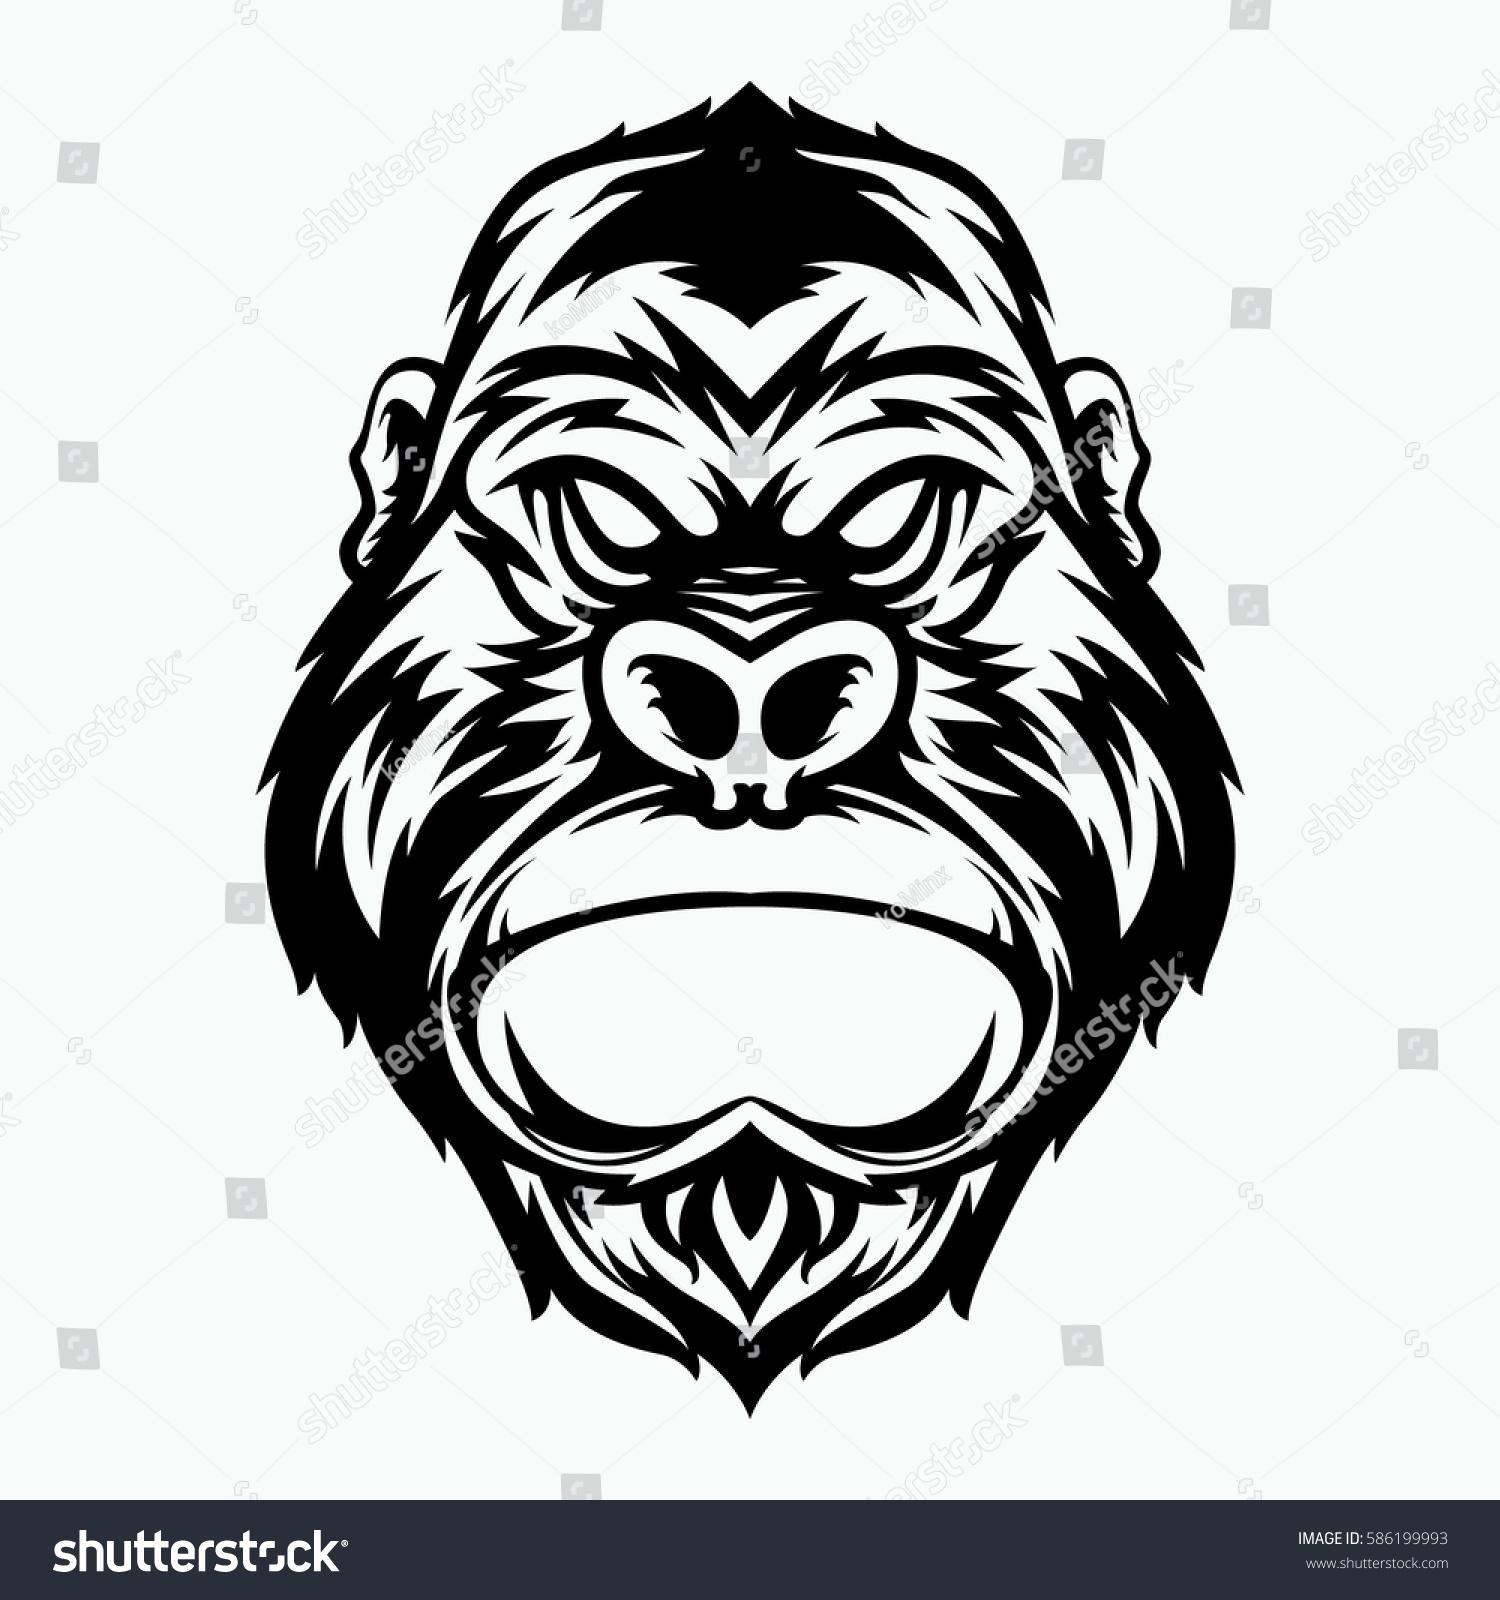 Gorilla Head Vector Images over 1900  VectorStock